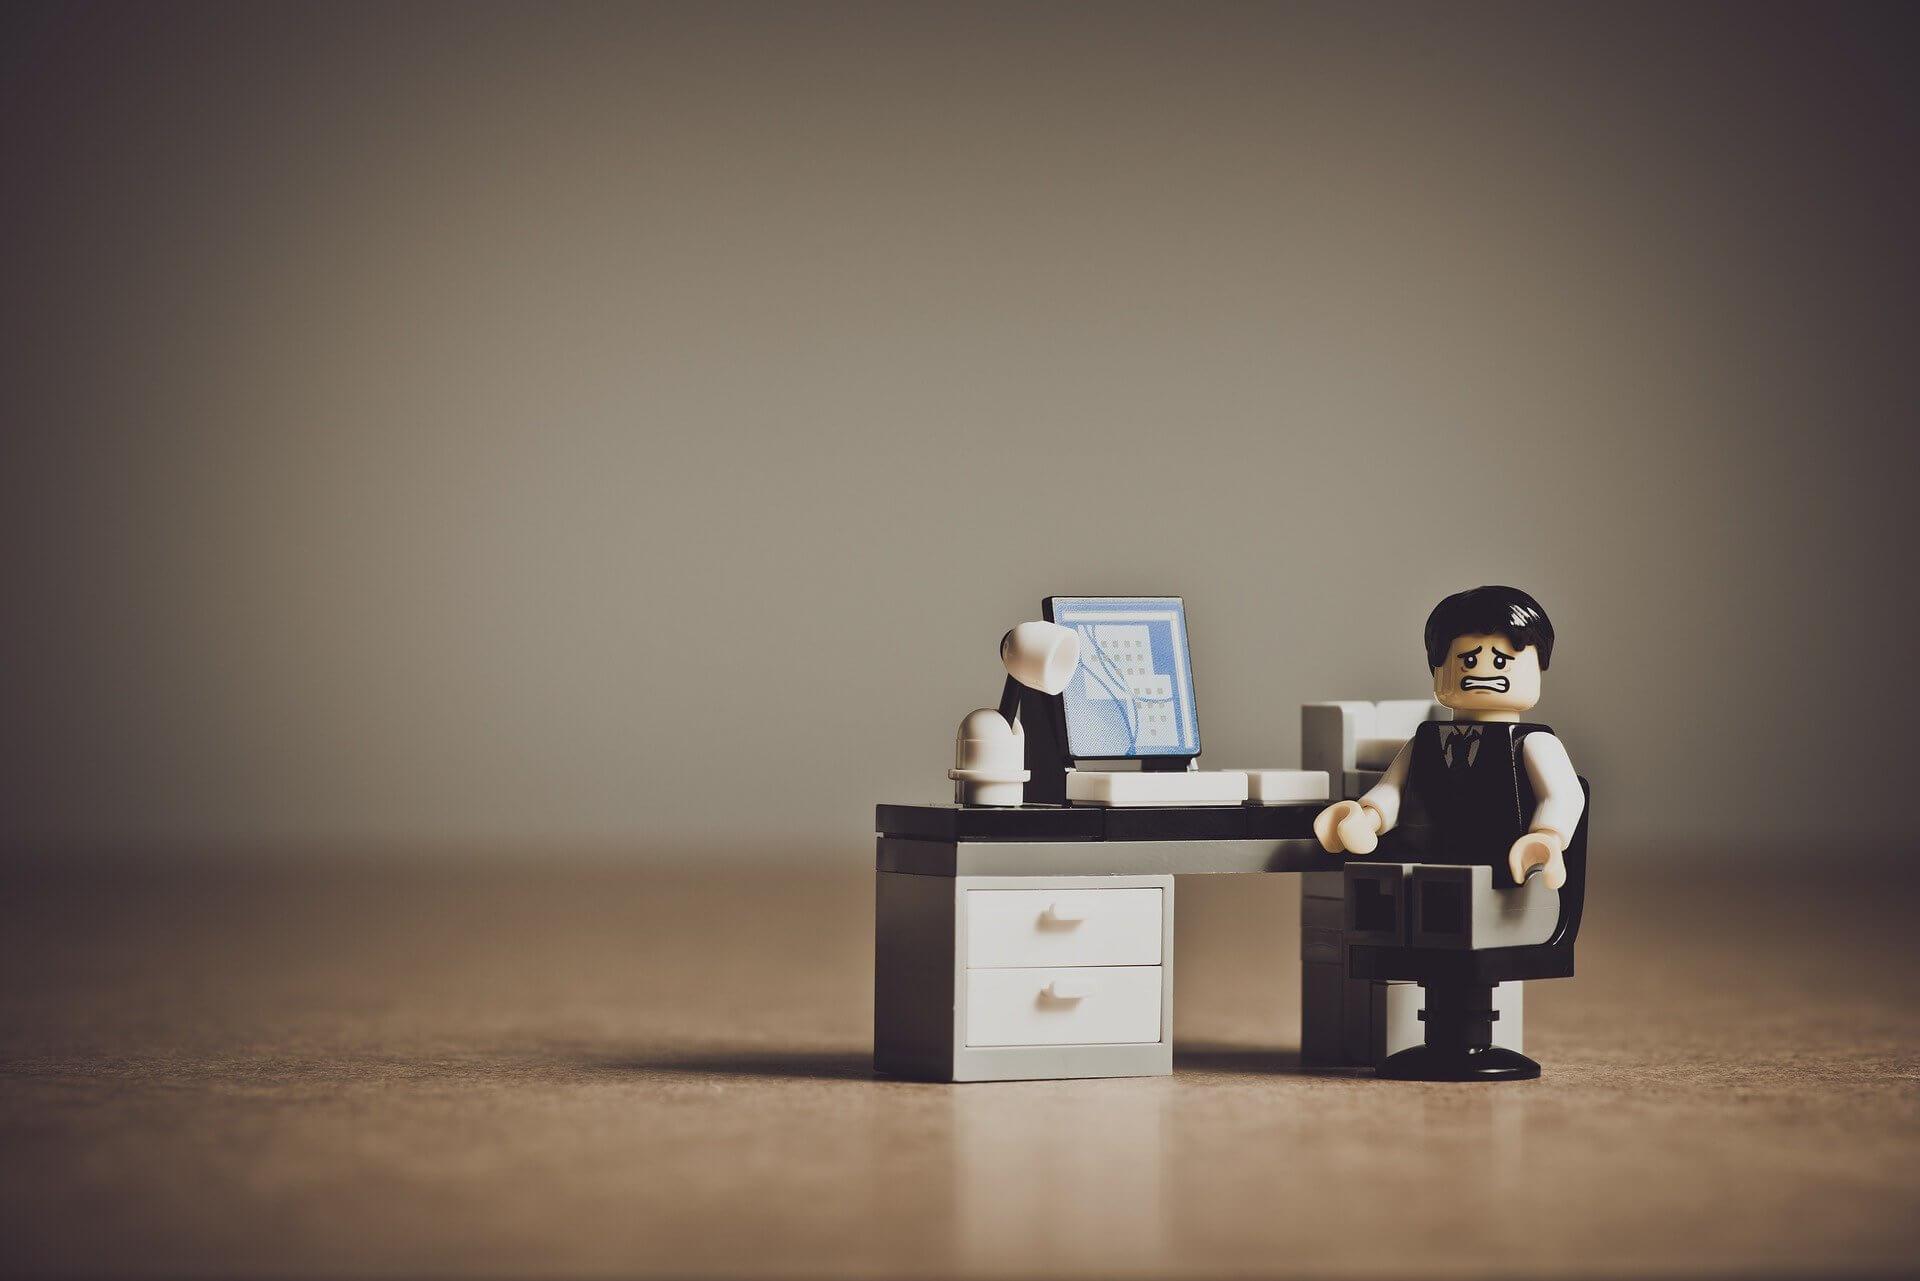 職場でいじめにあったときは退職したほうがよい3の理由